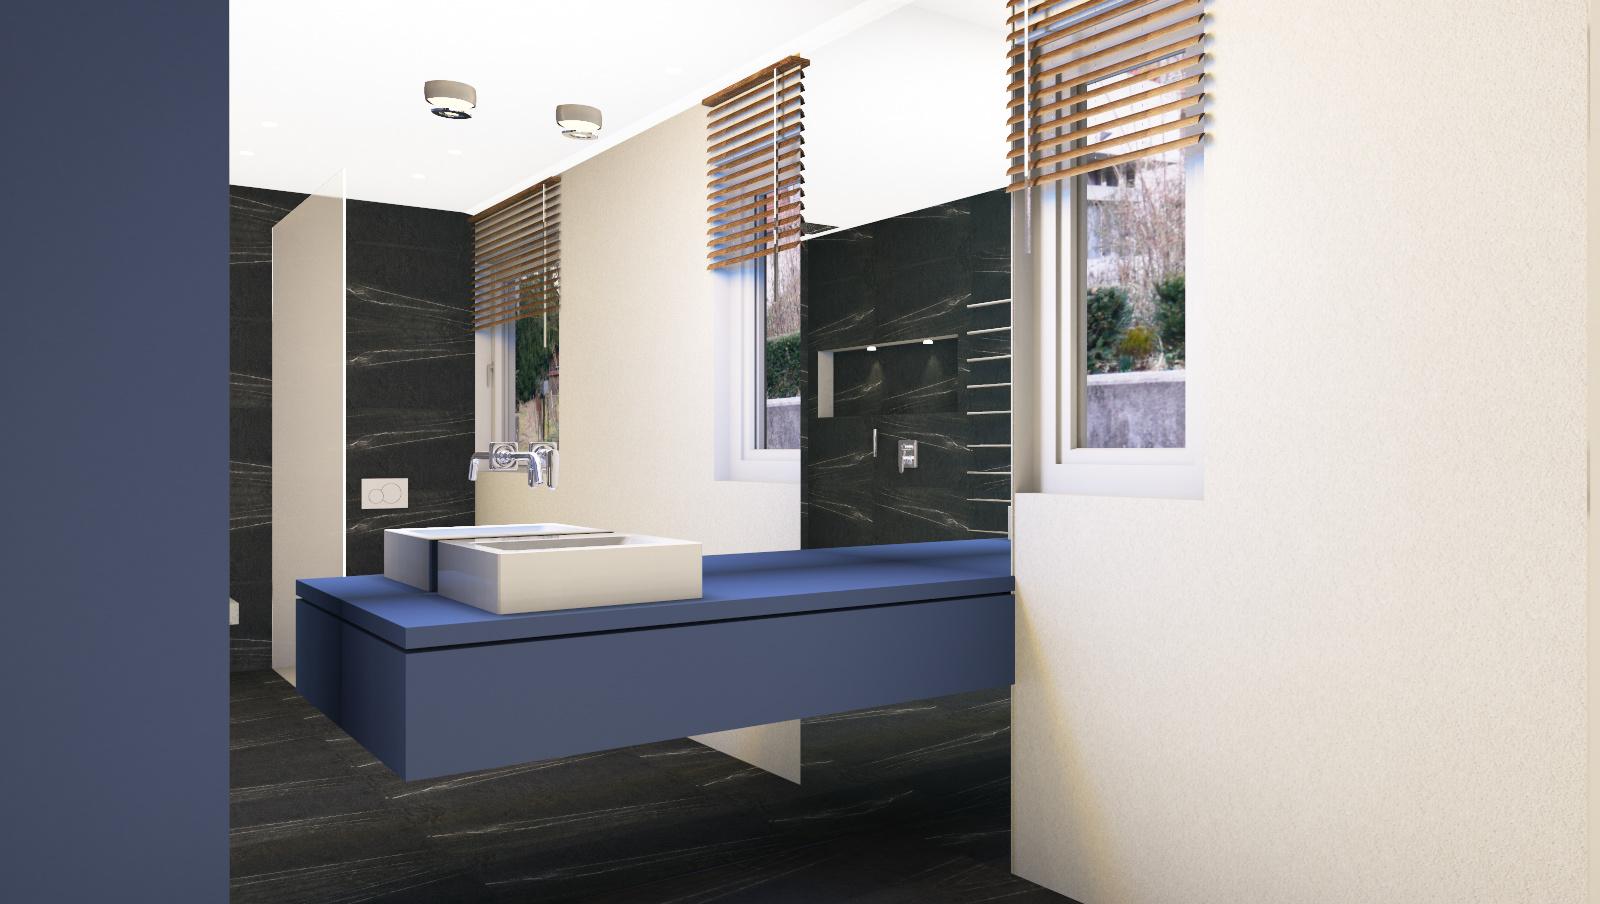 Waschtisch Spiegel Planung